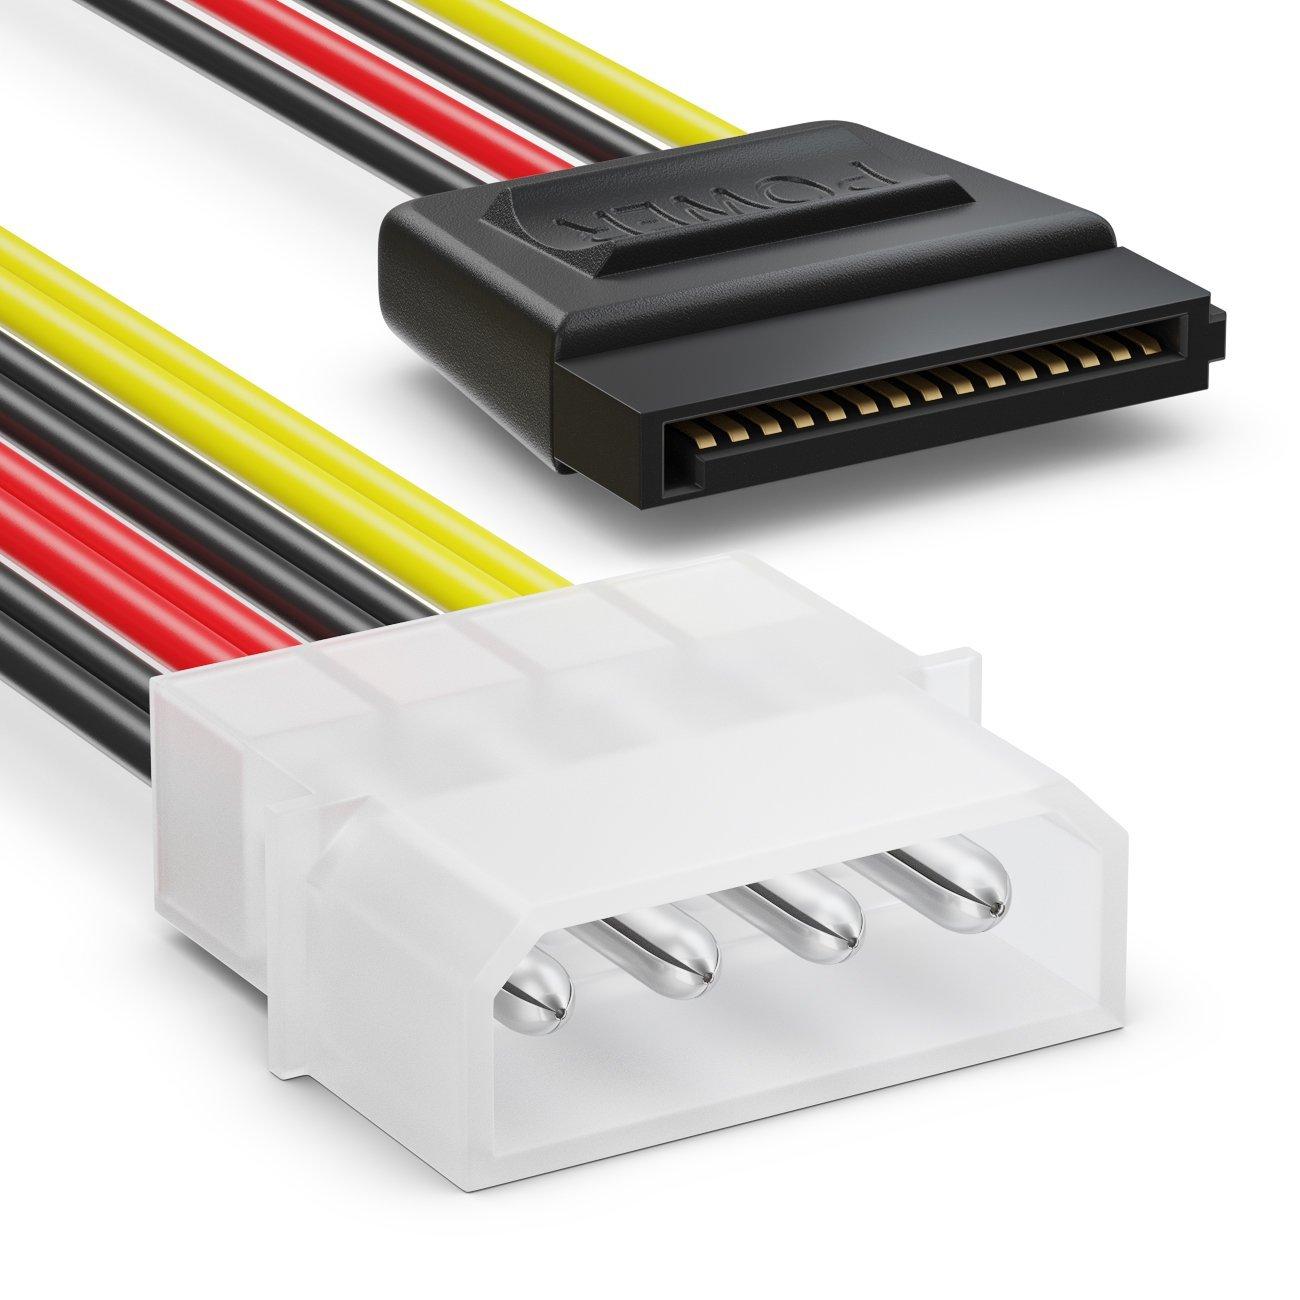 C/âble Adaptateur D/'Alimentation SSD HDD Disque Dur deleyCON MK2945 Lot de c/âbles SATA 2X C/âbles SATA III avec Prises Droites